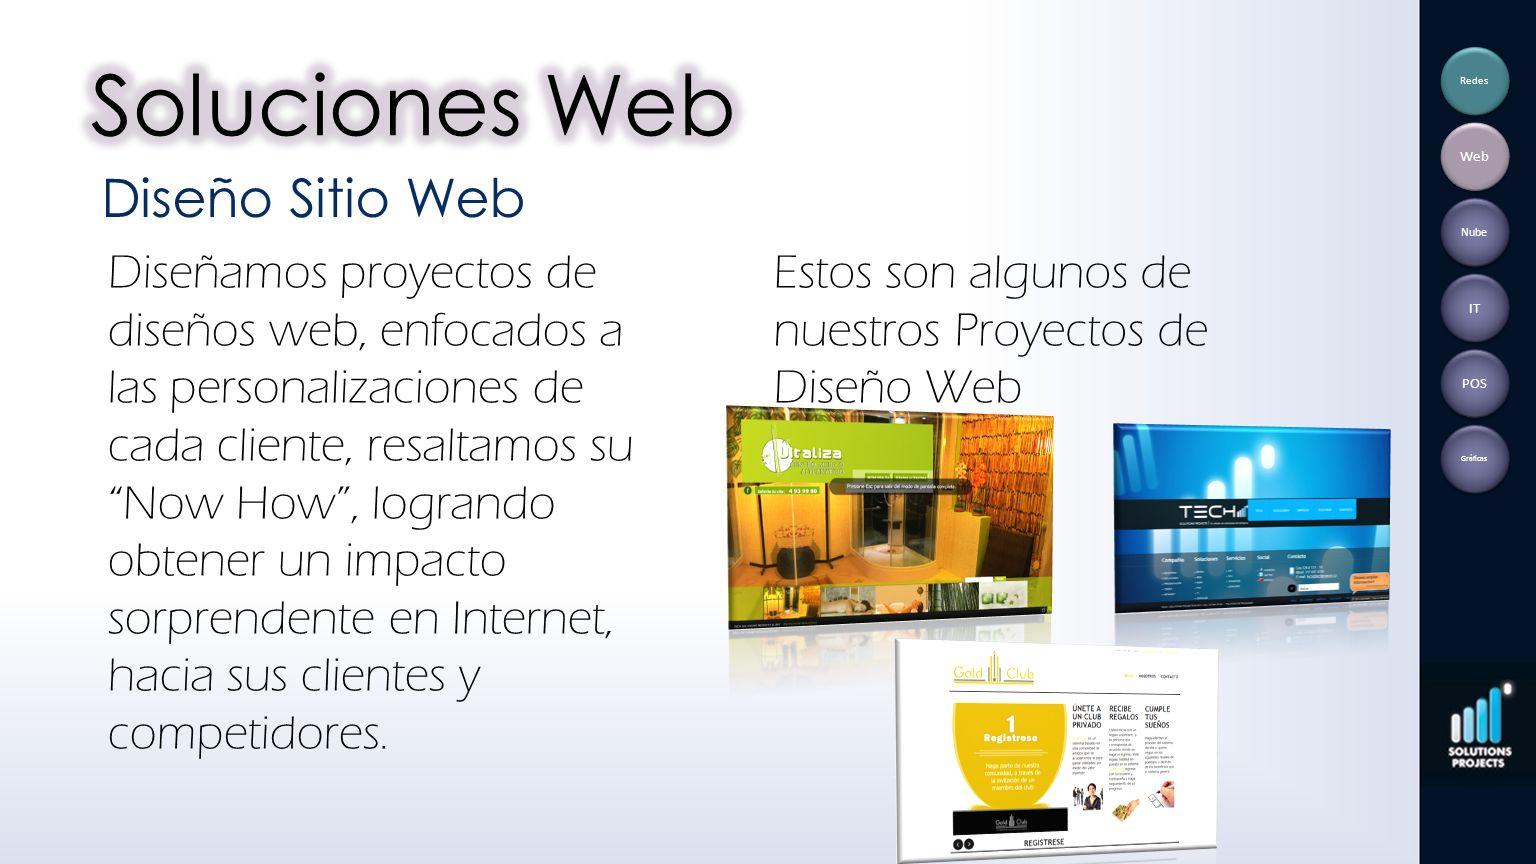 Diseñamos proyectos de diseños web, enfocados a las personalizaciones de cada cliente, resaltamos su Now How, logrando obtener un impacto sorprendente